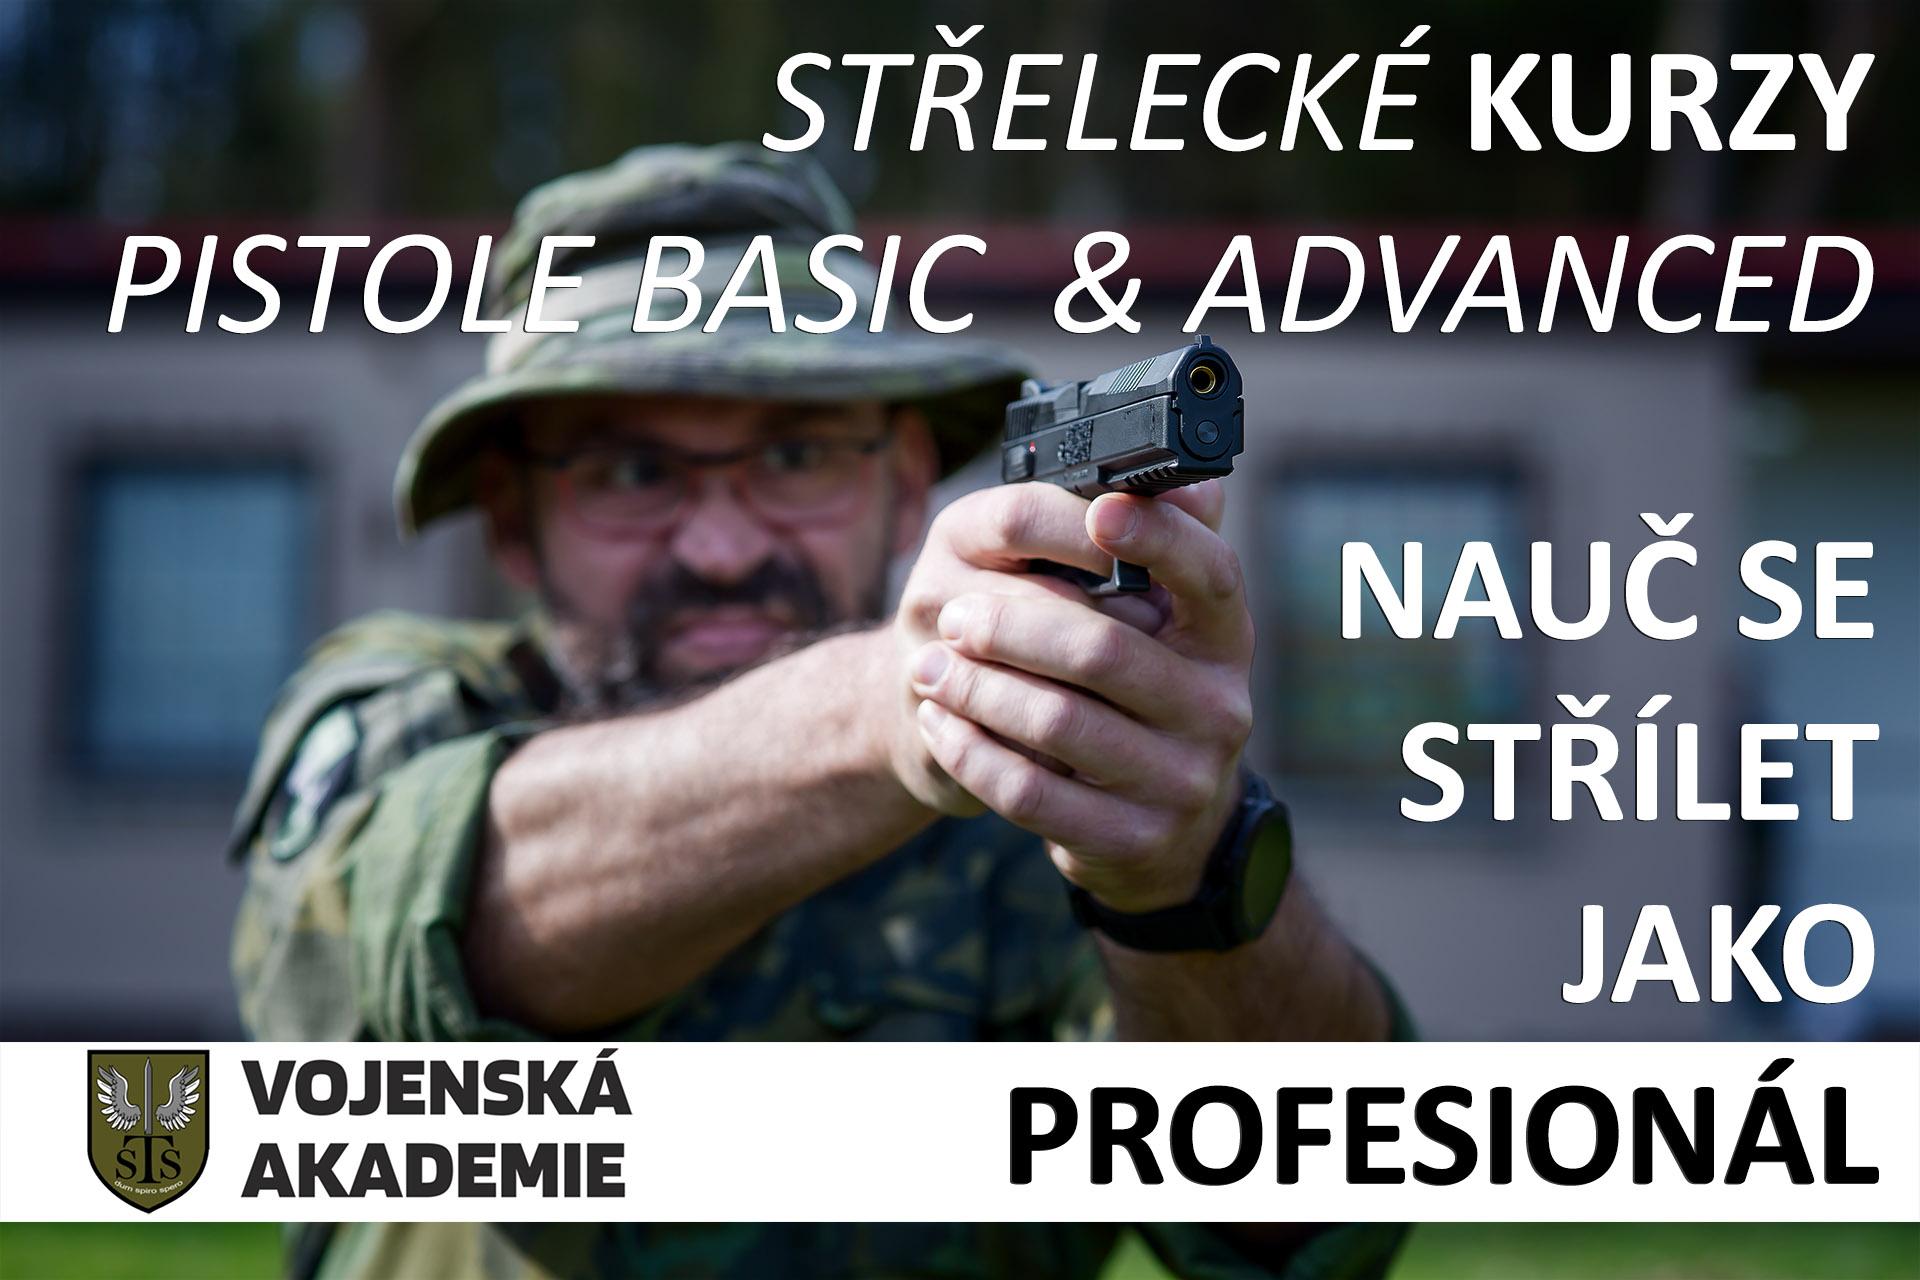 Střelecké kurzy - pistole Basic a Pistole Advanced